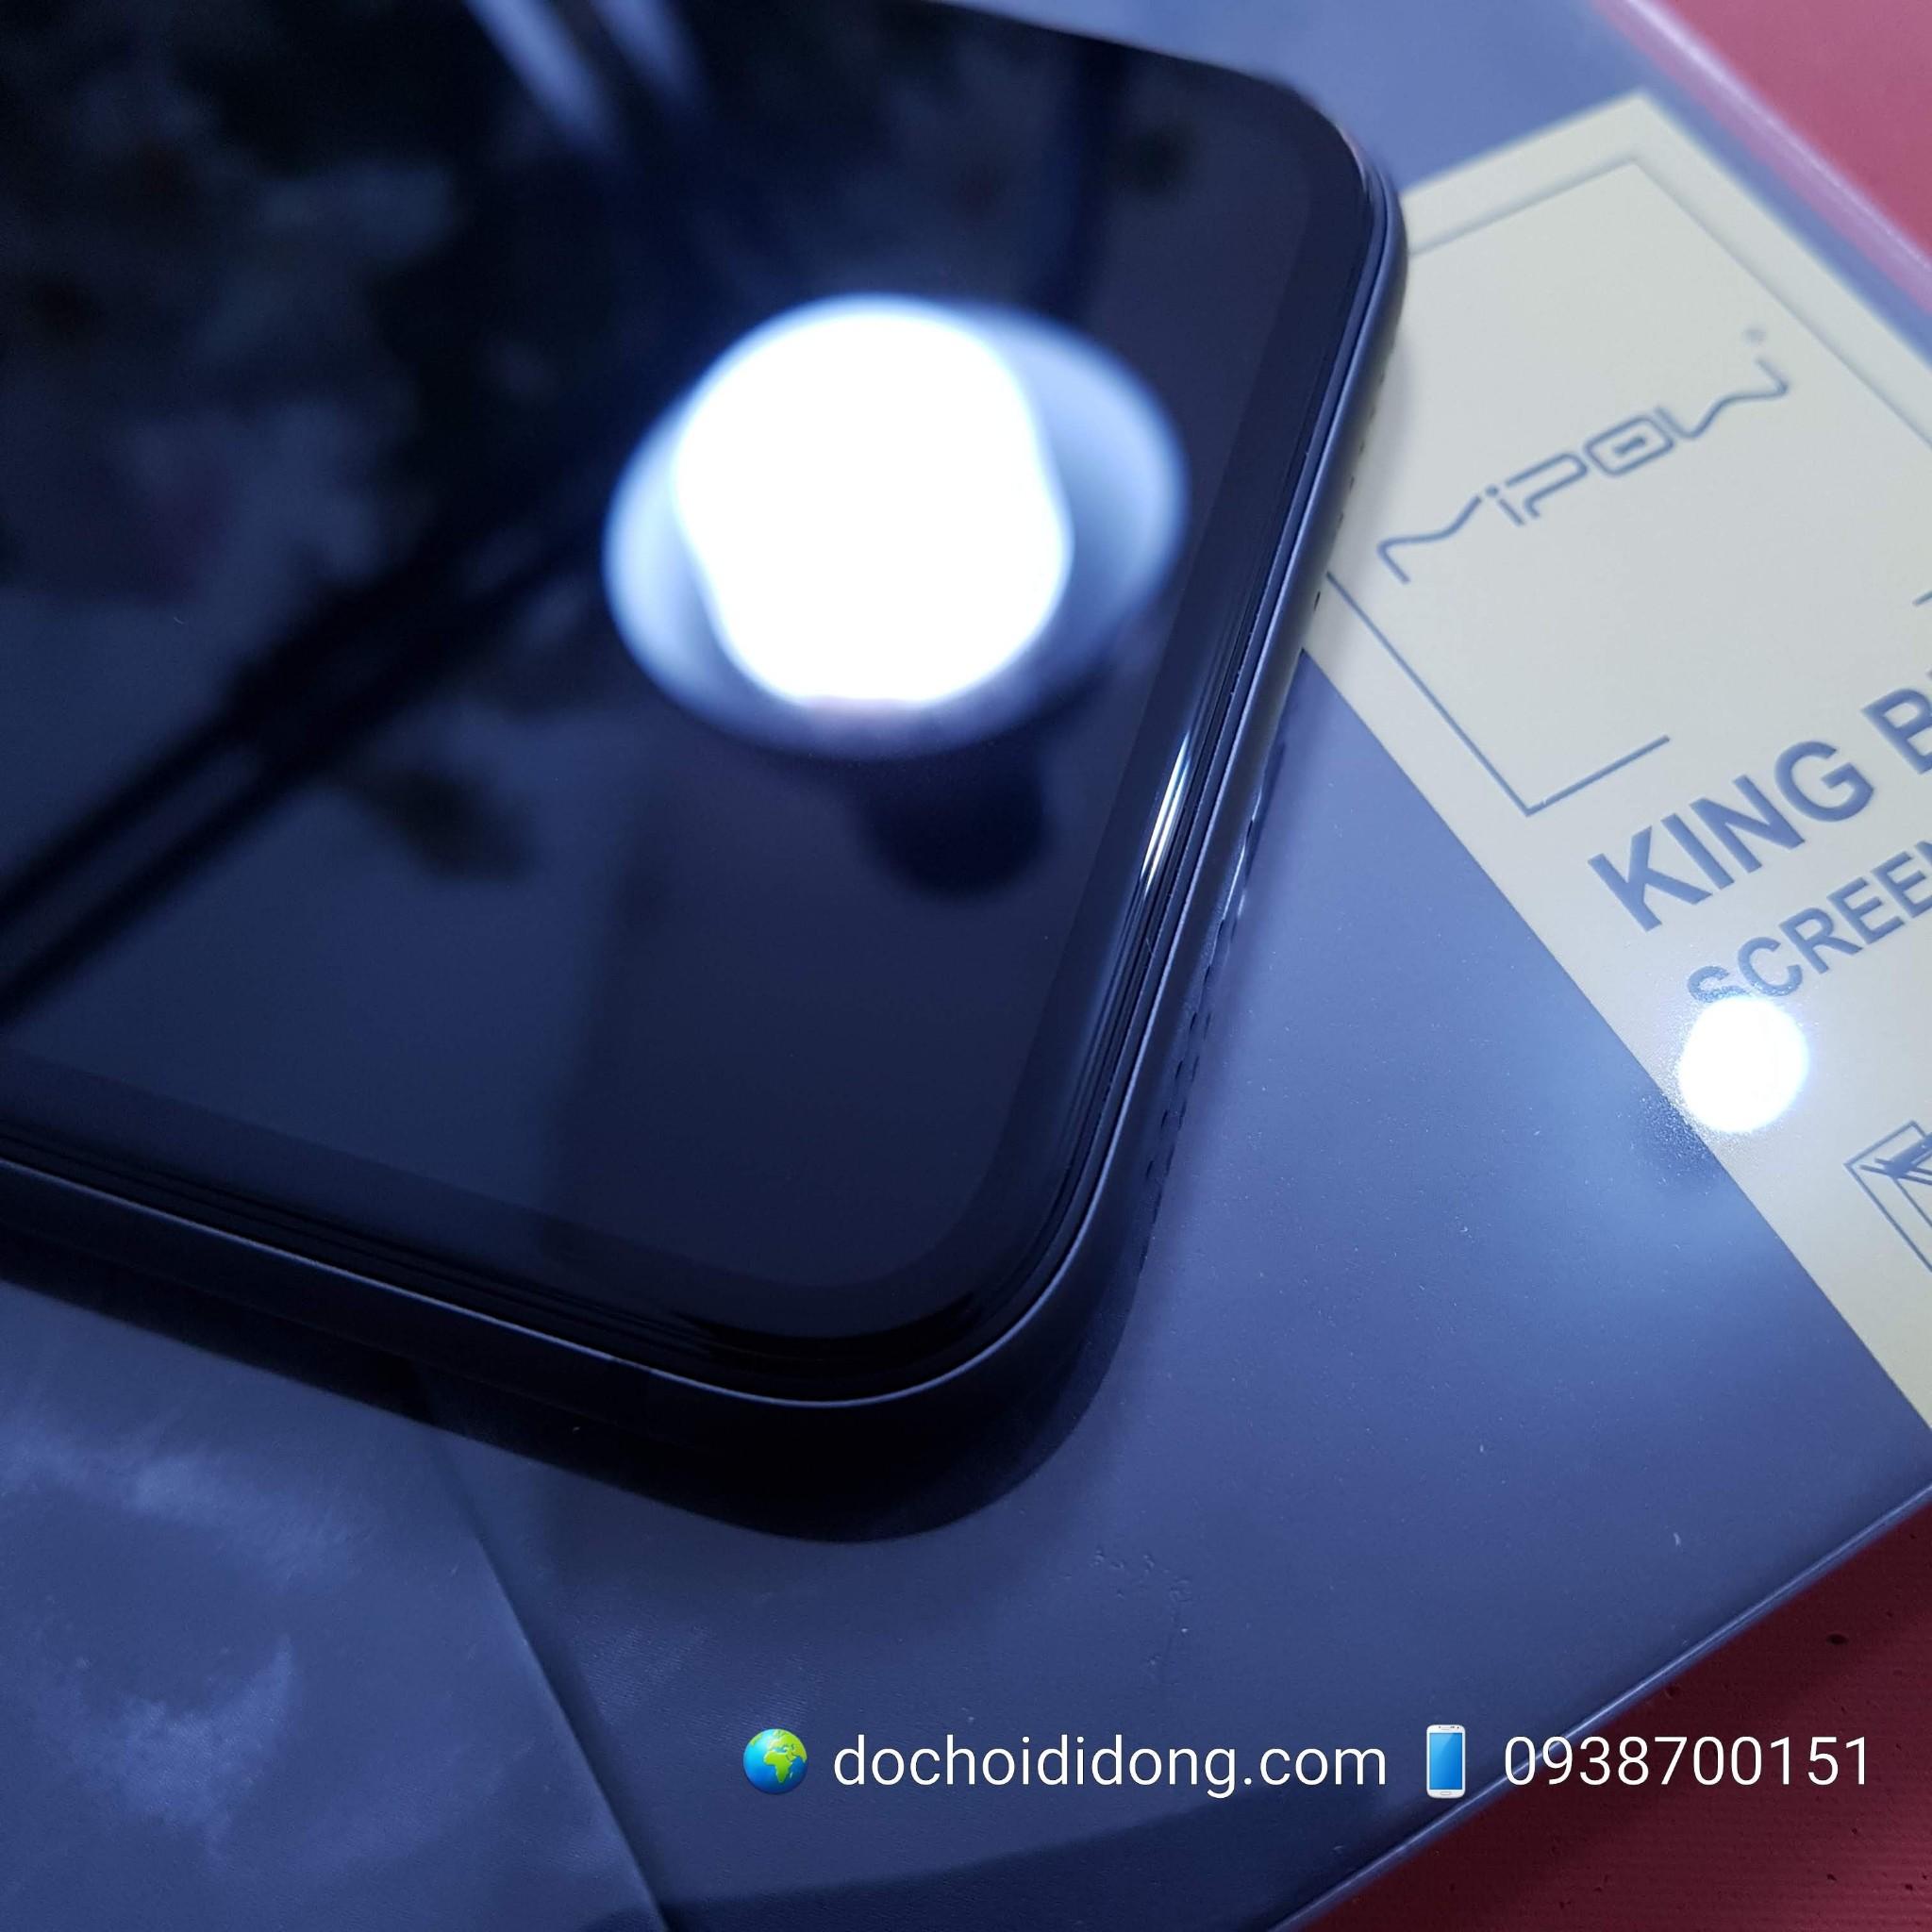 mieng-dan-cuong-luc-iphone-11-mipow-king-bull-3d-full-man-hinh